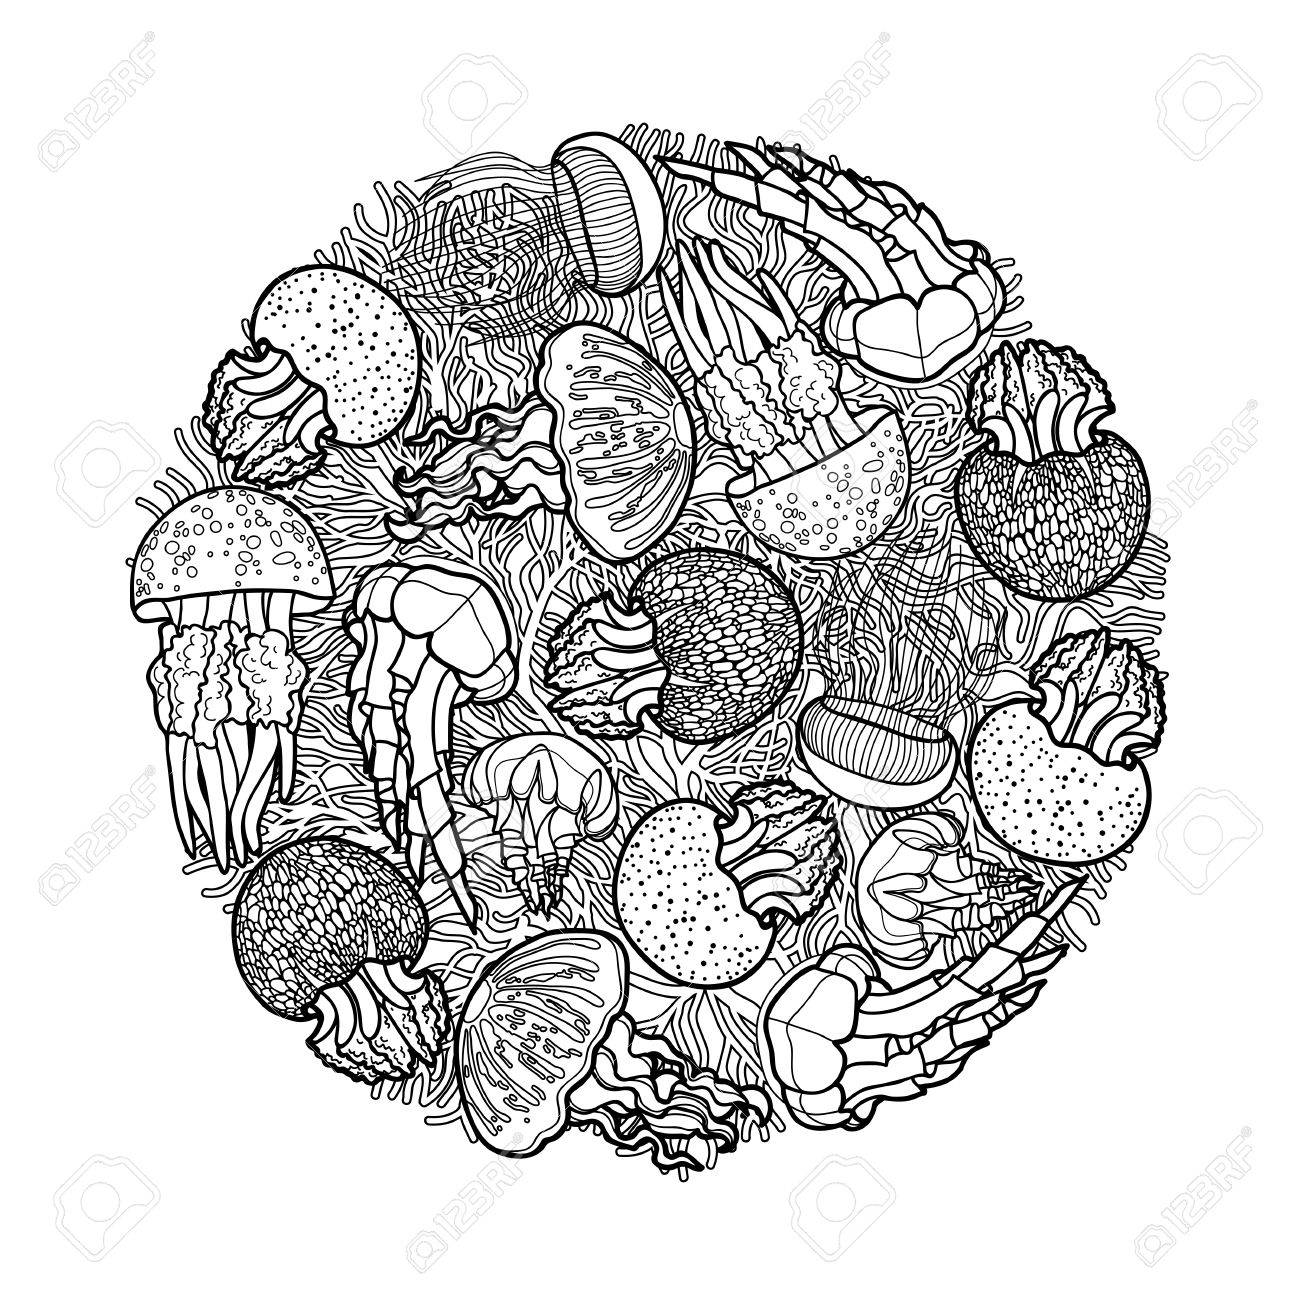 Remolino De Medusas Dibujado En Línea Estilo Del Arte. Tarjeta ...